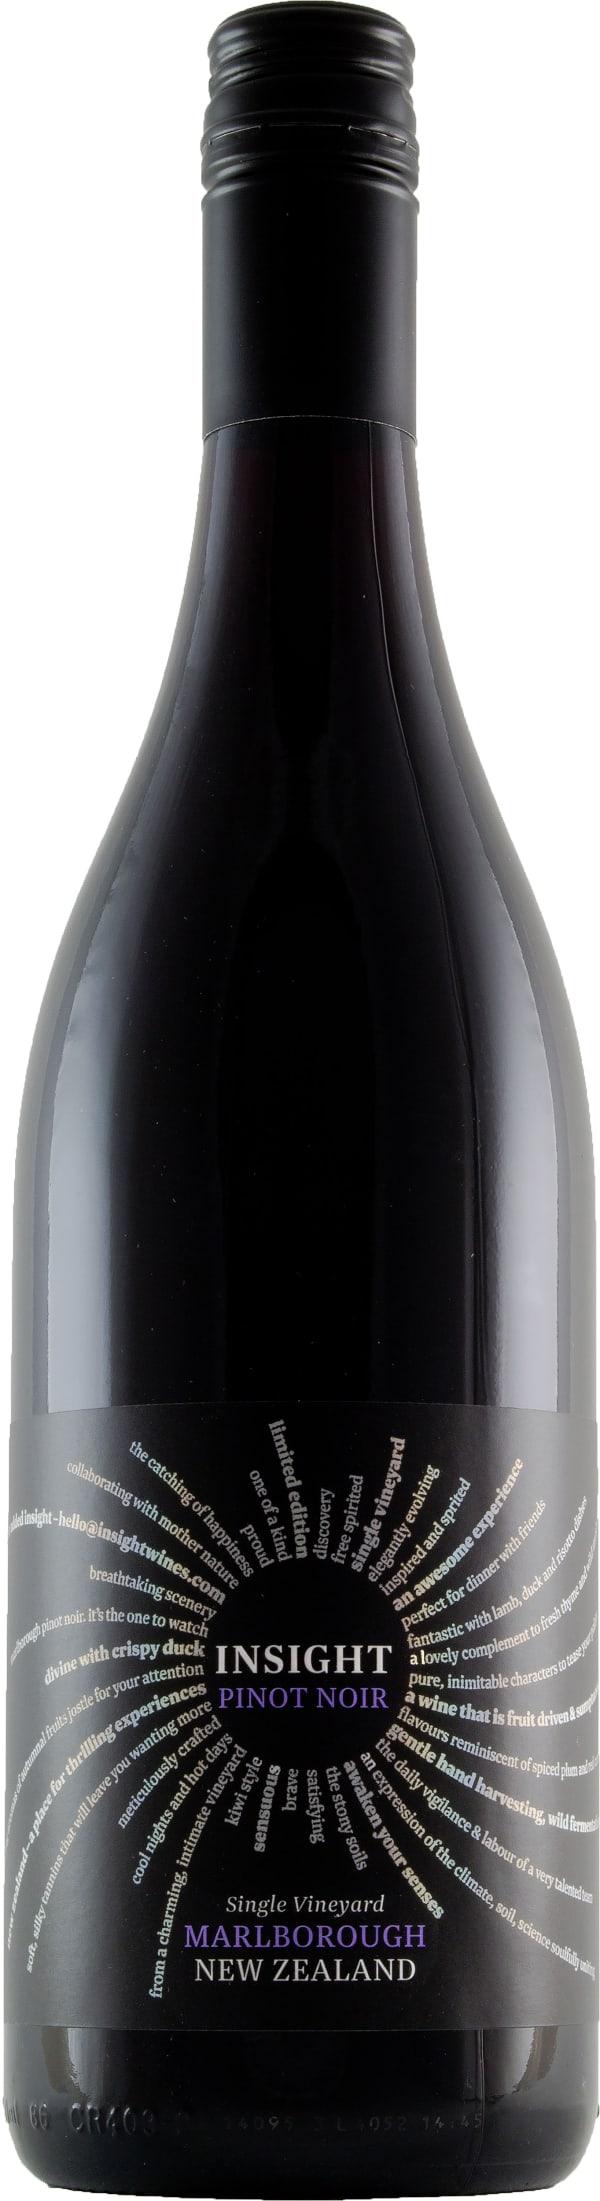 Insight Pinot Noir 2015